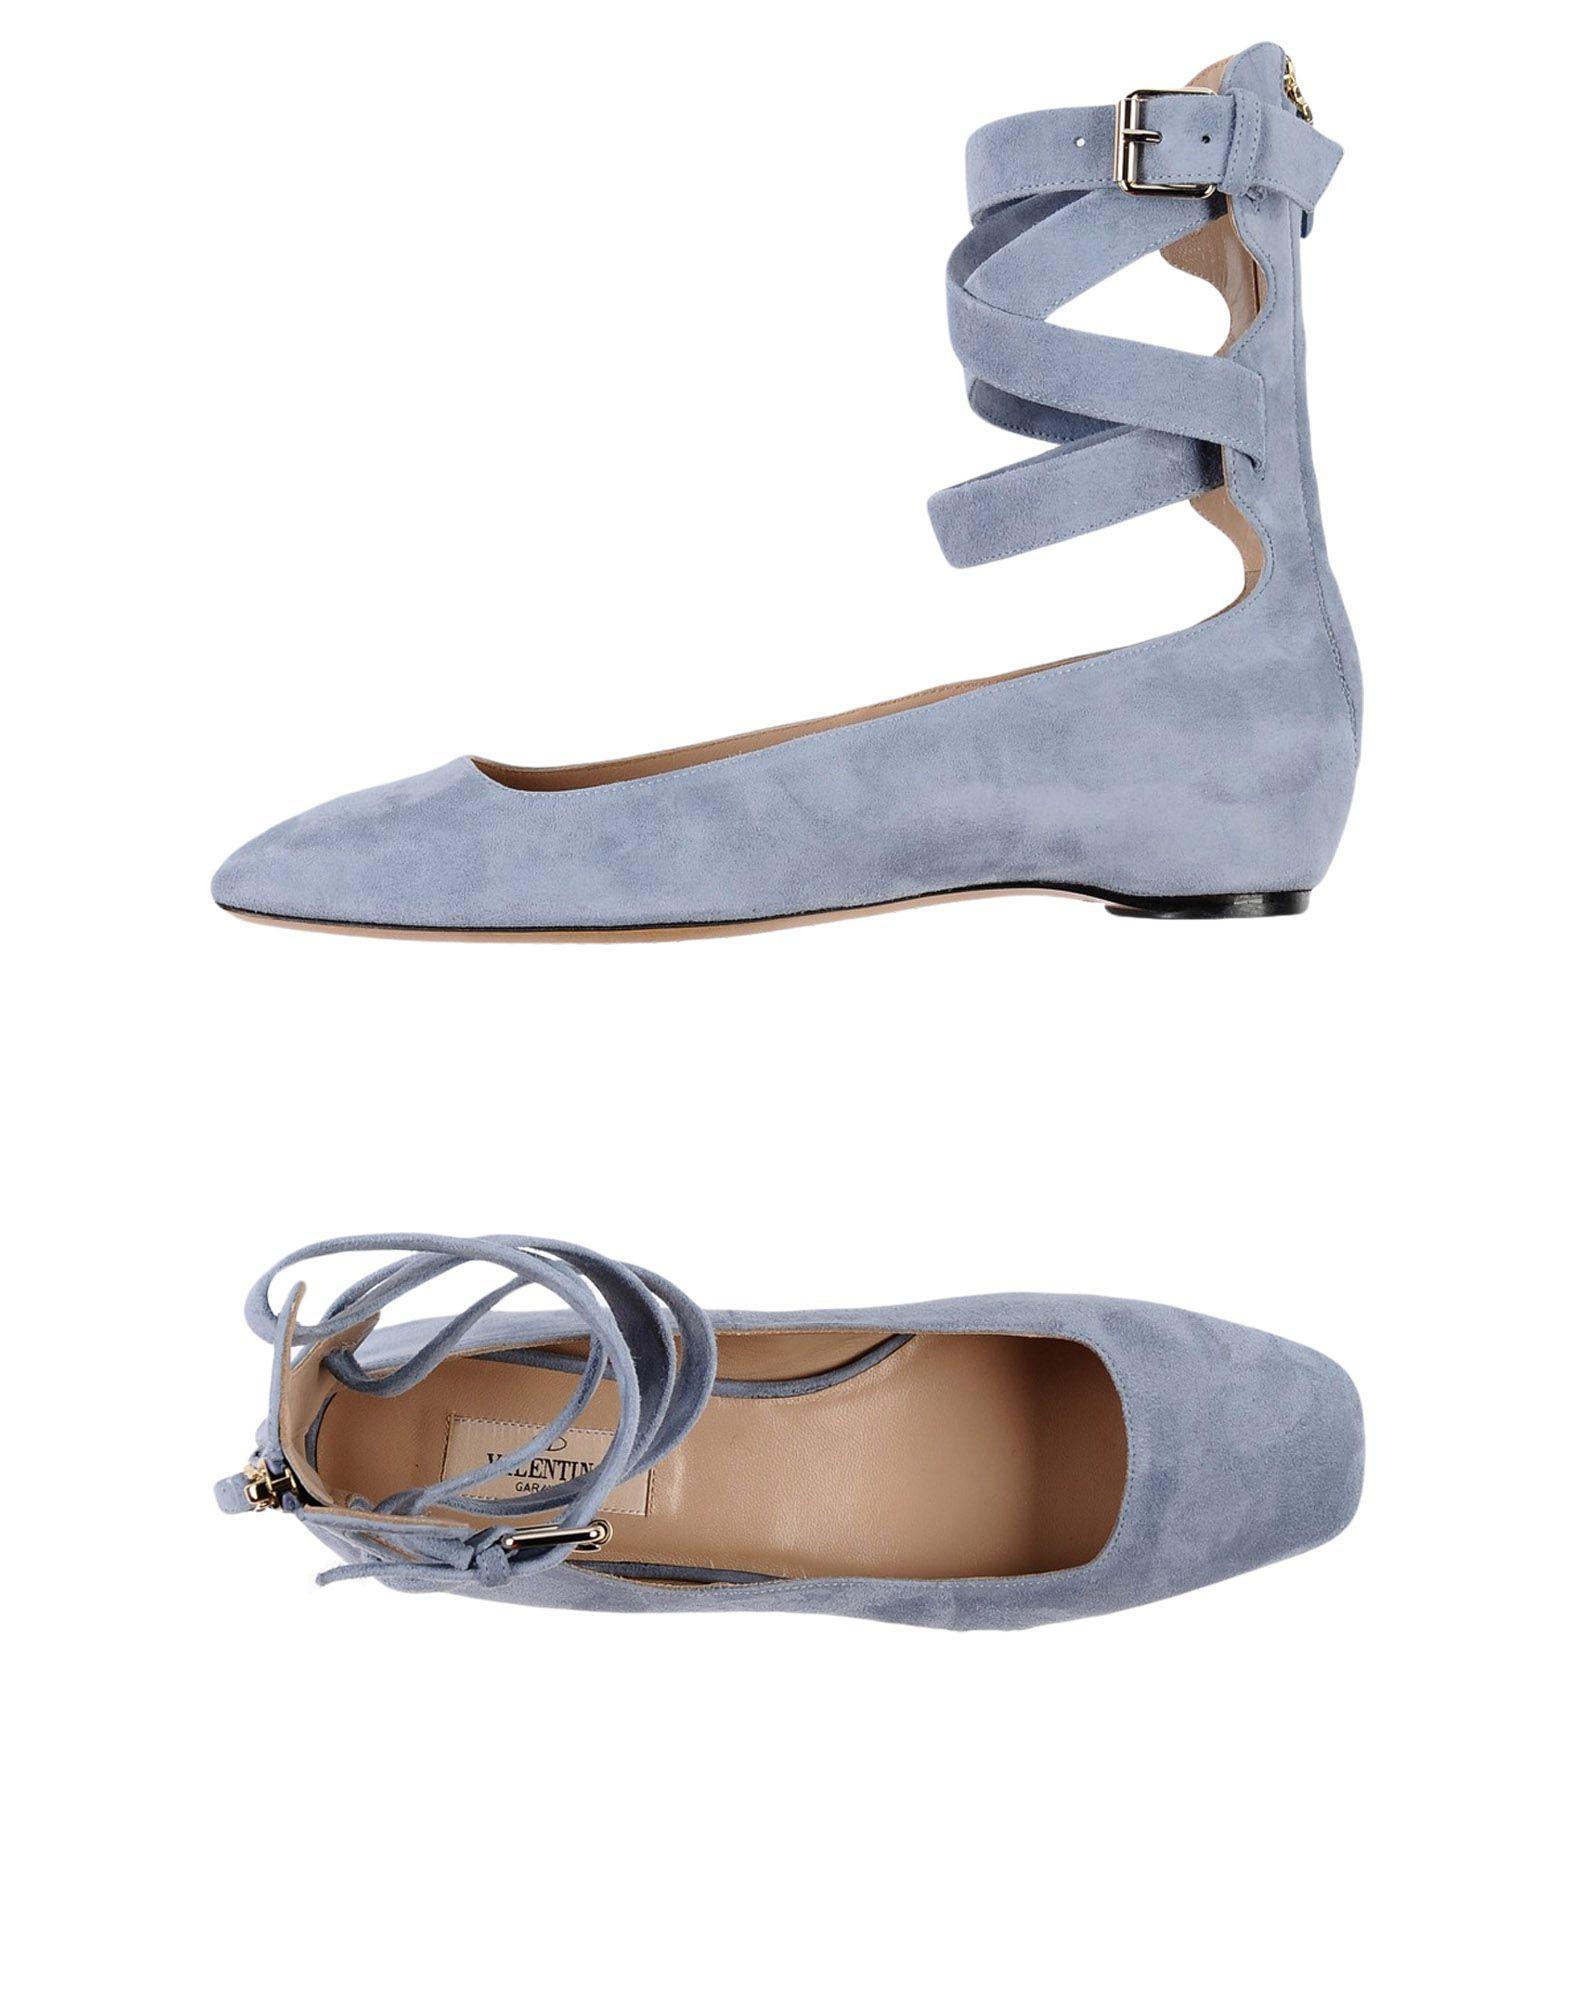 Valentino Garavani Ballerinas Schuhe Damen  11398718LX Neue Schuhe Ballerinas 878ad8